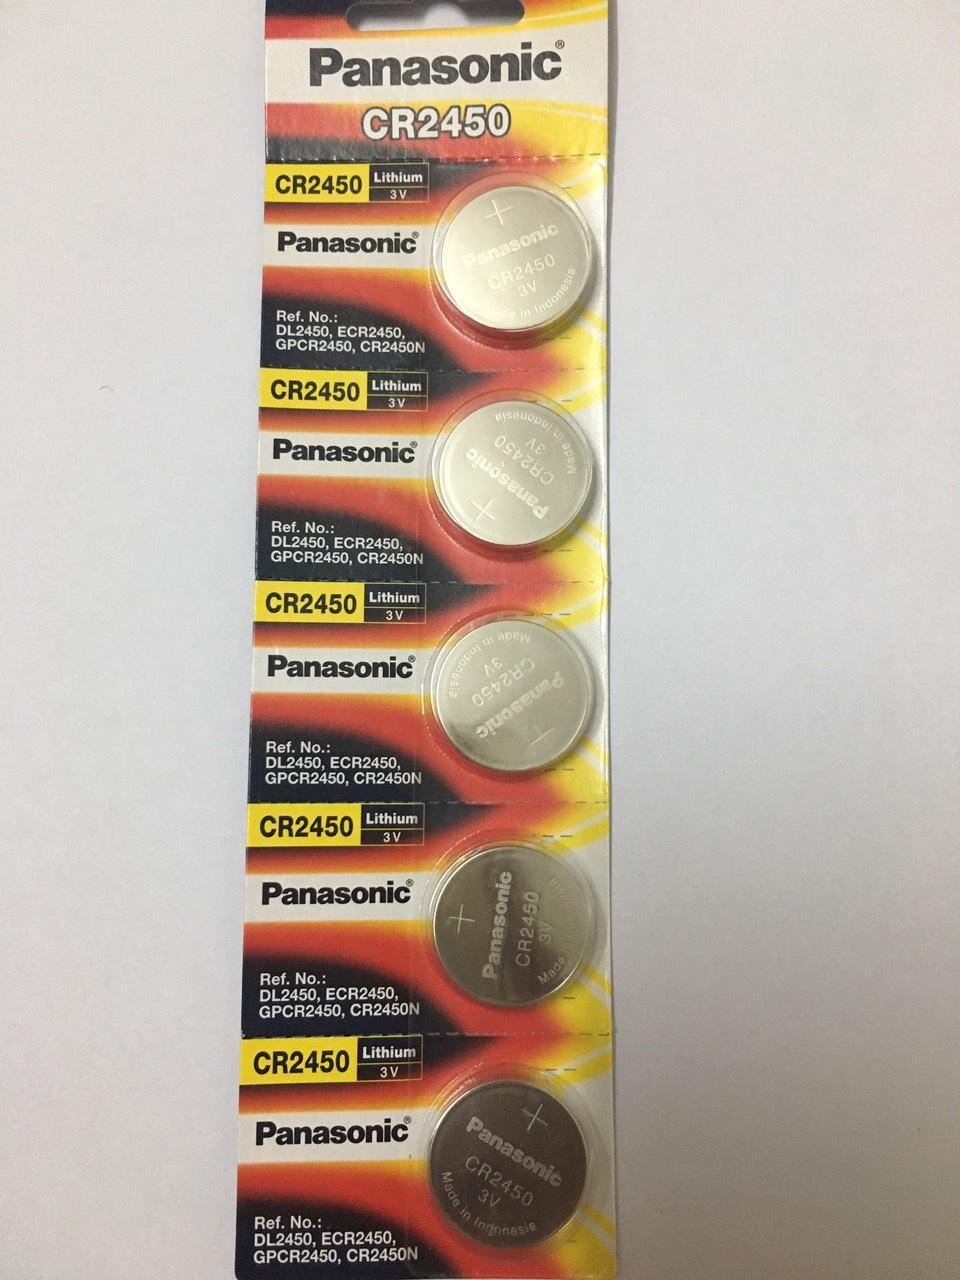 Pin CR2450 Panasonic vỉ 5 viên